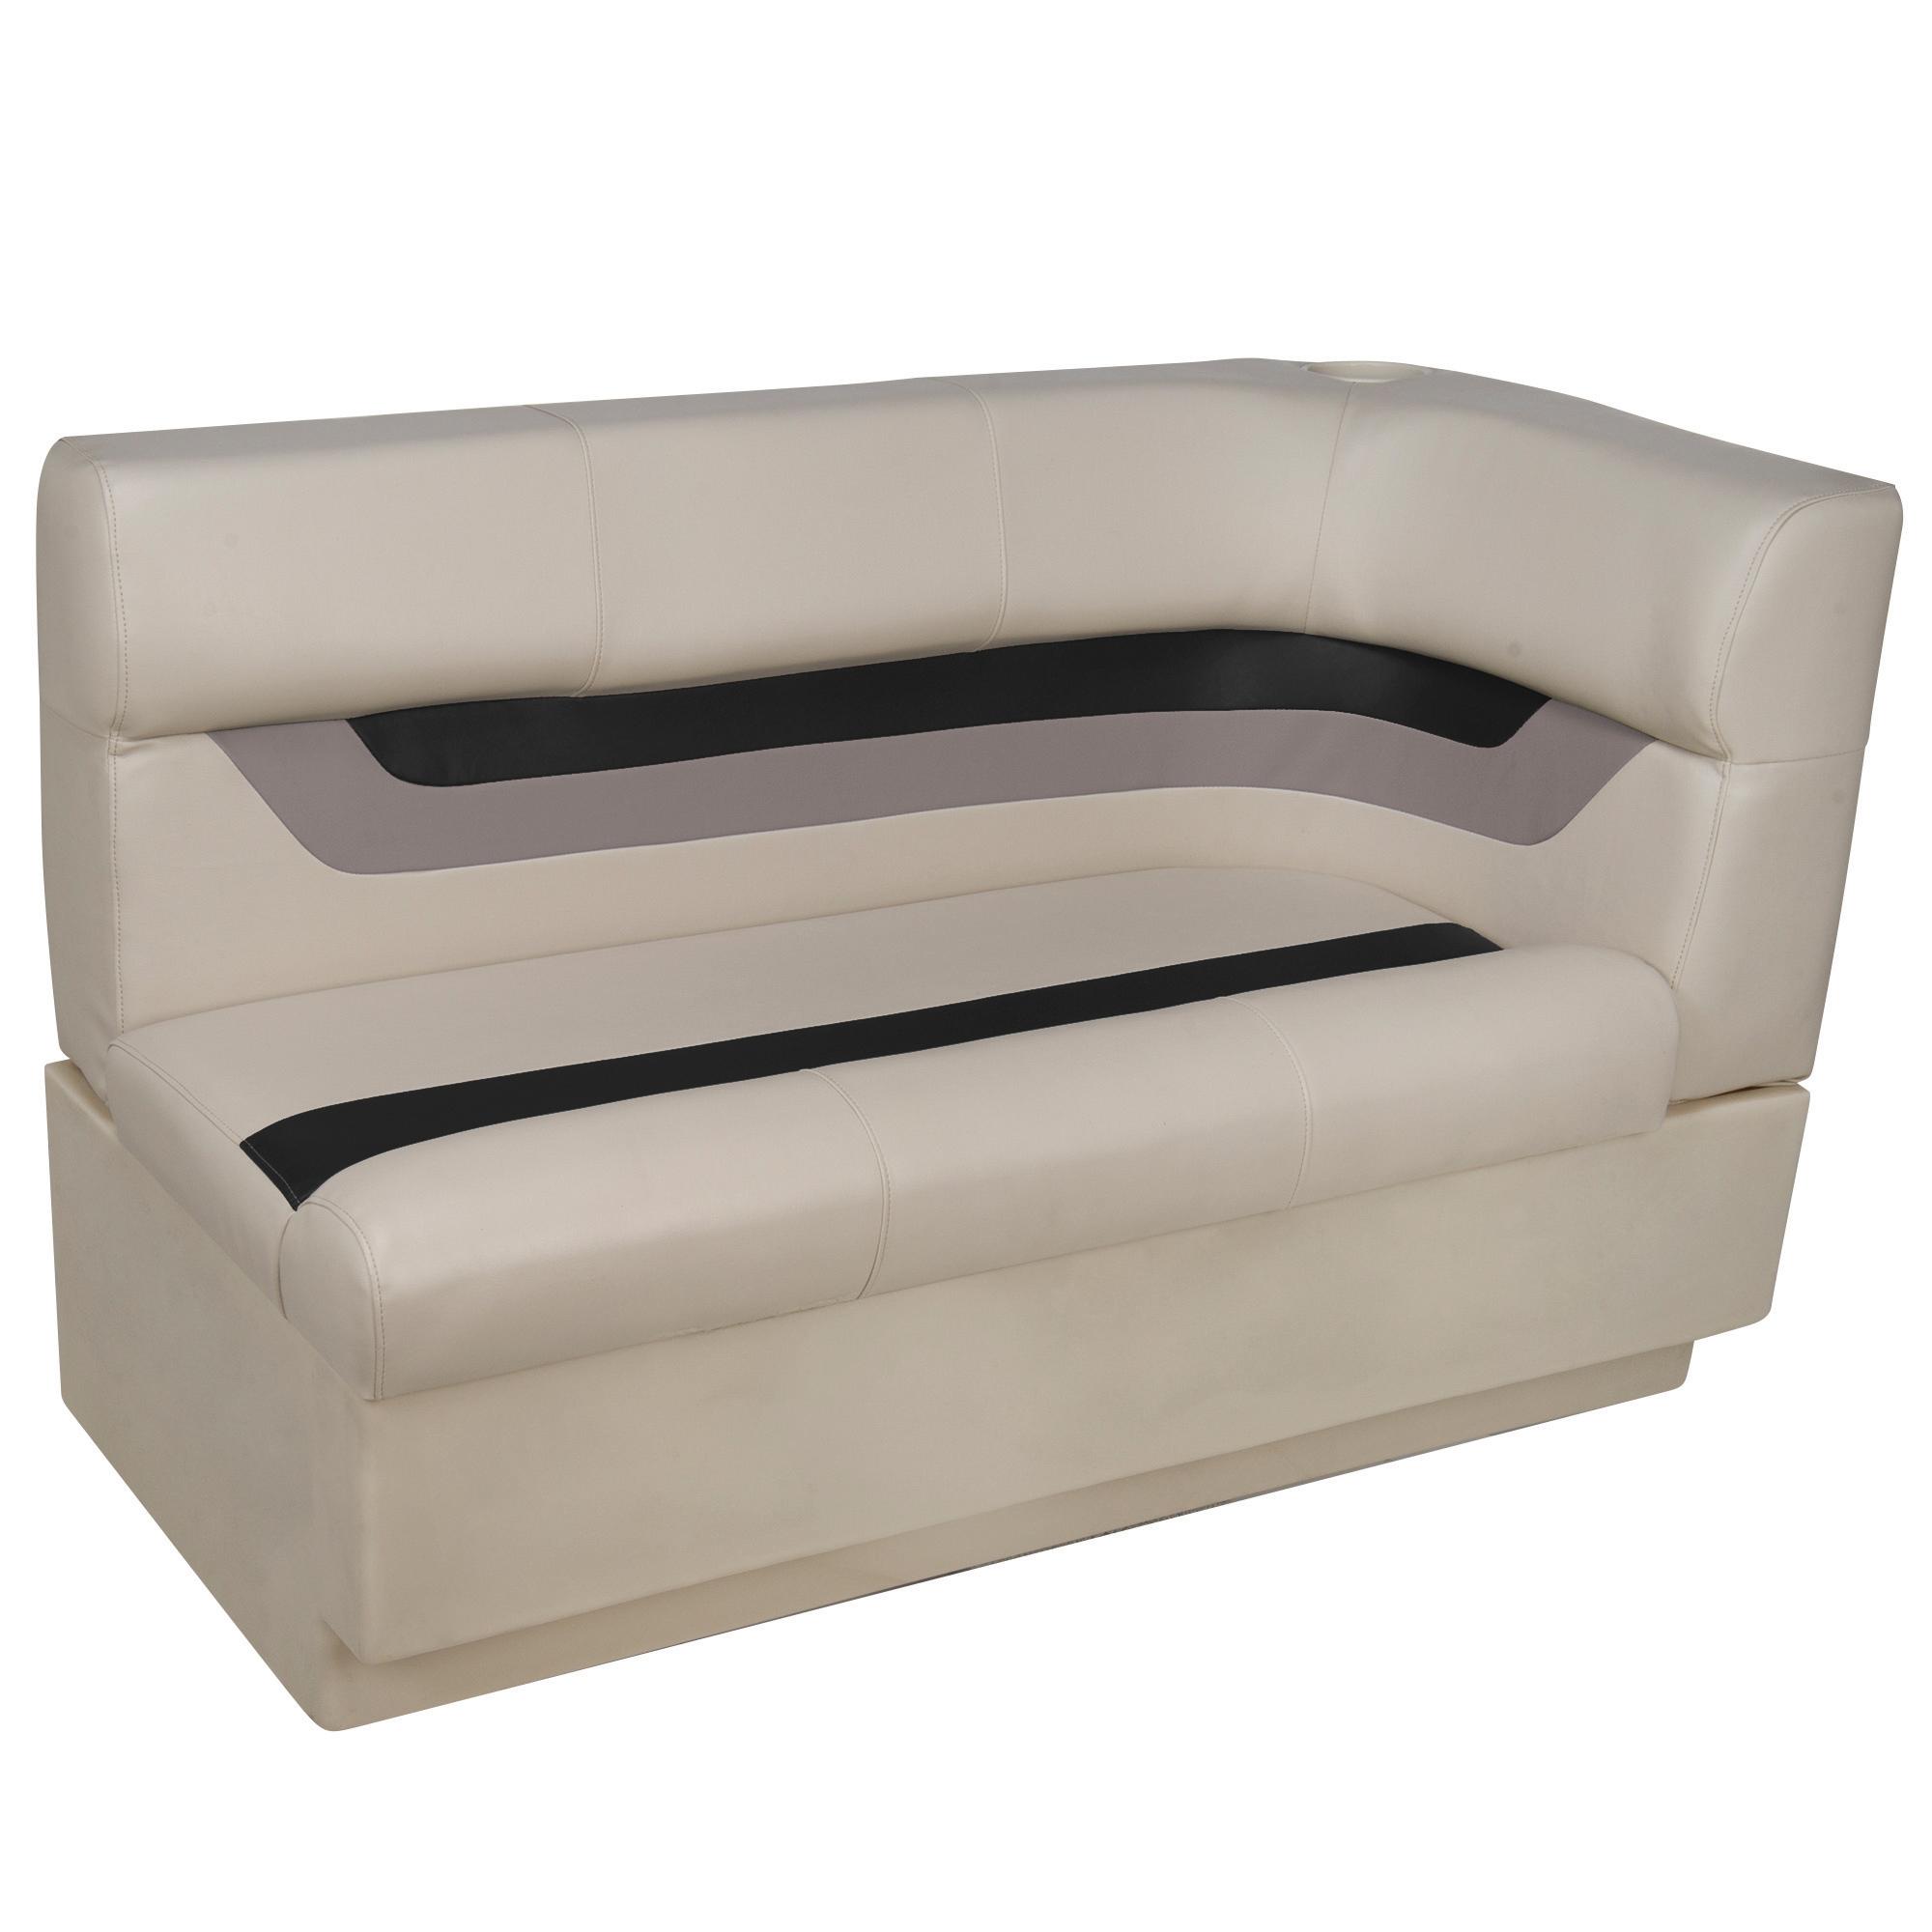 Toonmate Designer Pontoon Left-Side Corner Couch - TOP ONLY - Platinum/Black/Mocha